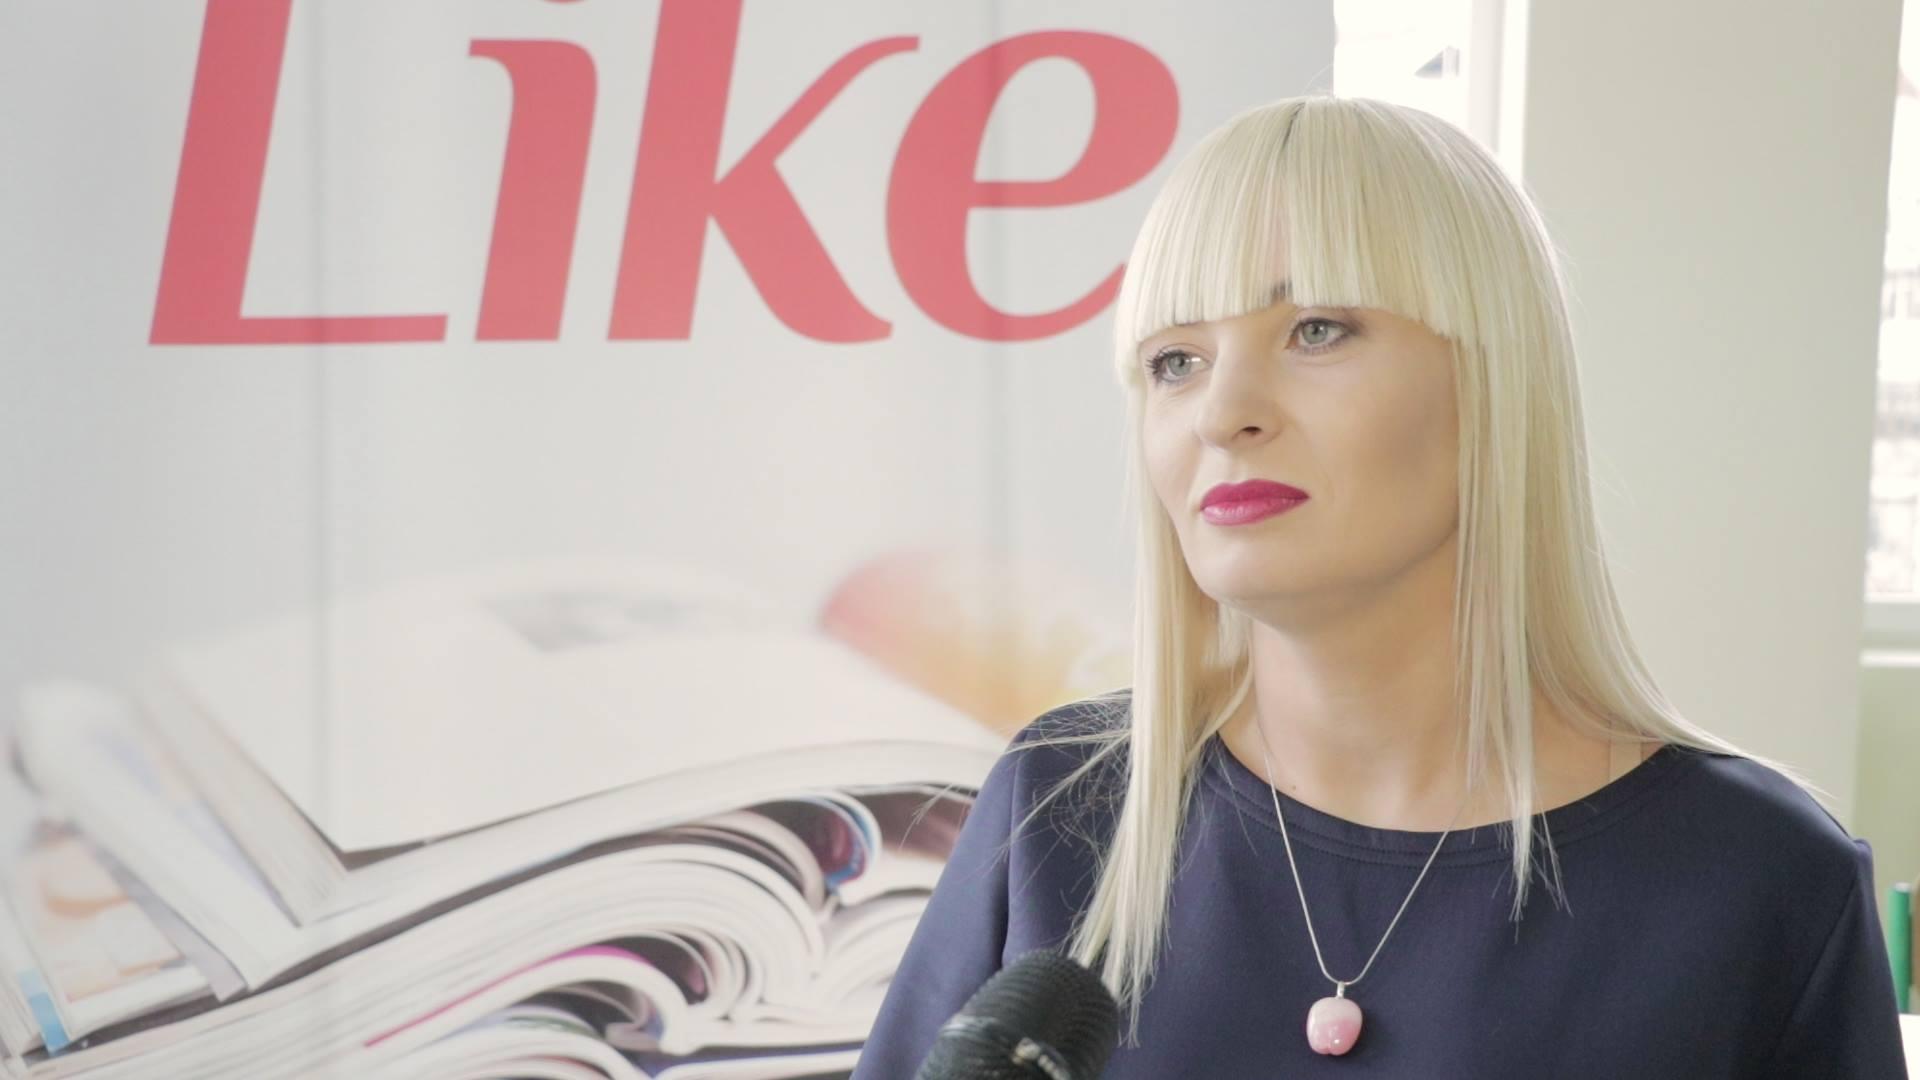 Оксана Мельник звернулася до президента Зеленського з приводу інциденту з Олександром Шевченком